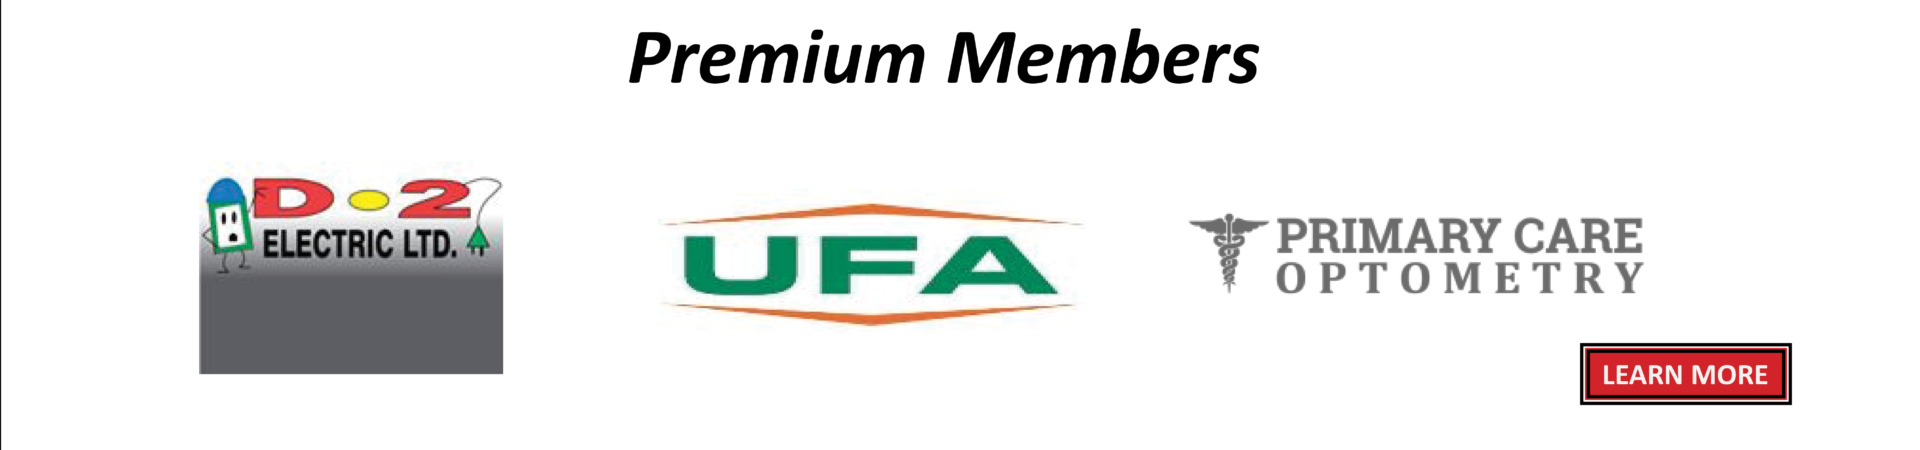 Premium Members 2019